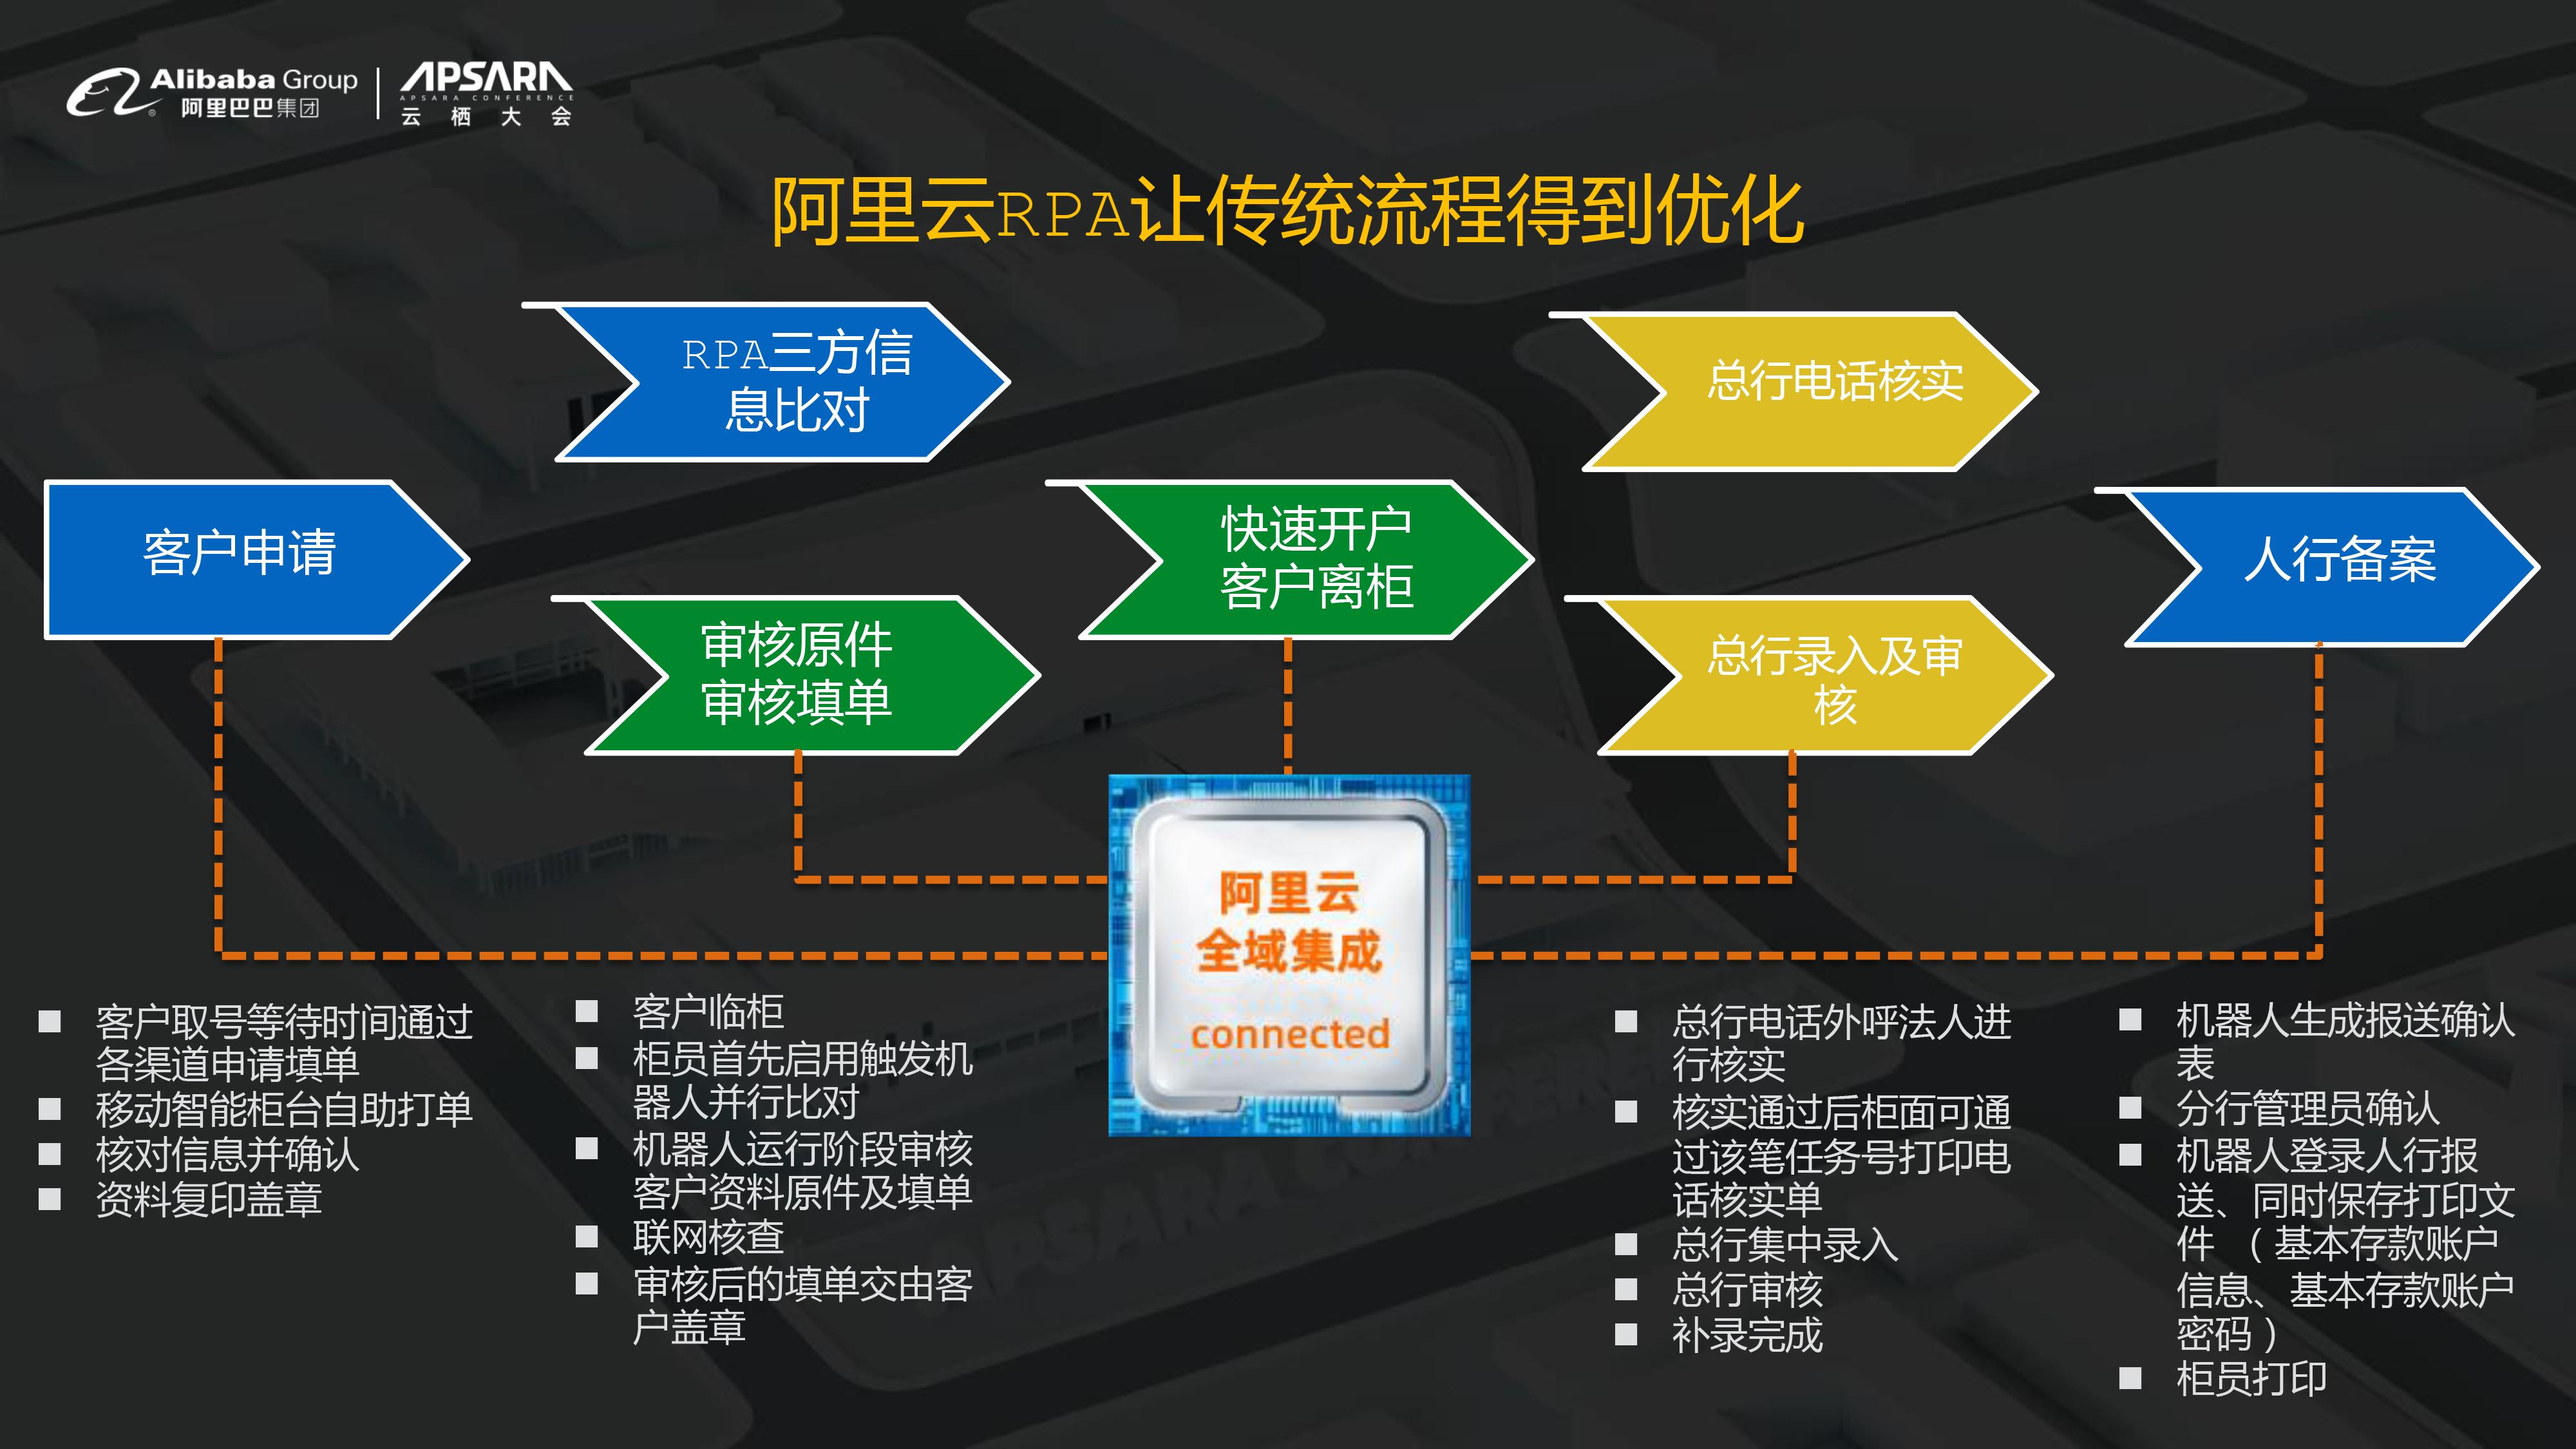 【最终】云栖大会_RPA机器人流程自动化-16.jpg